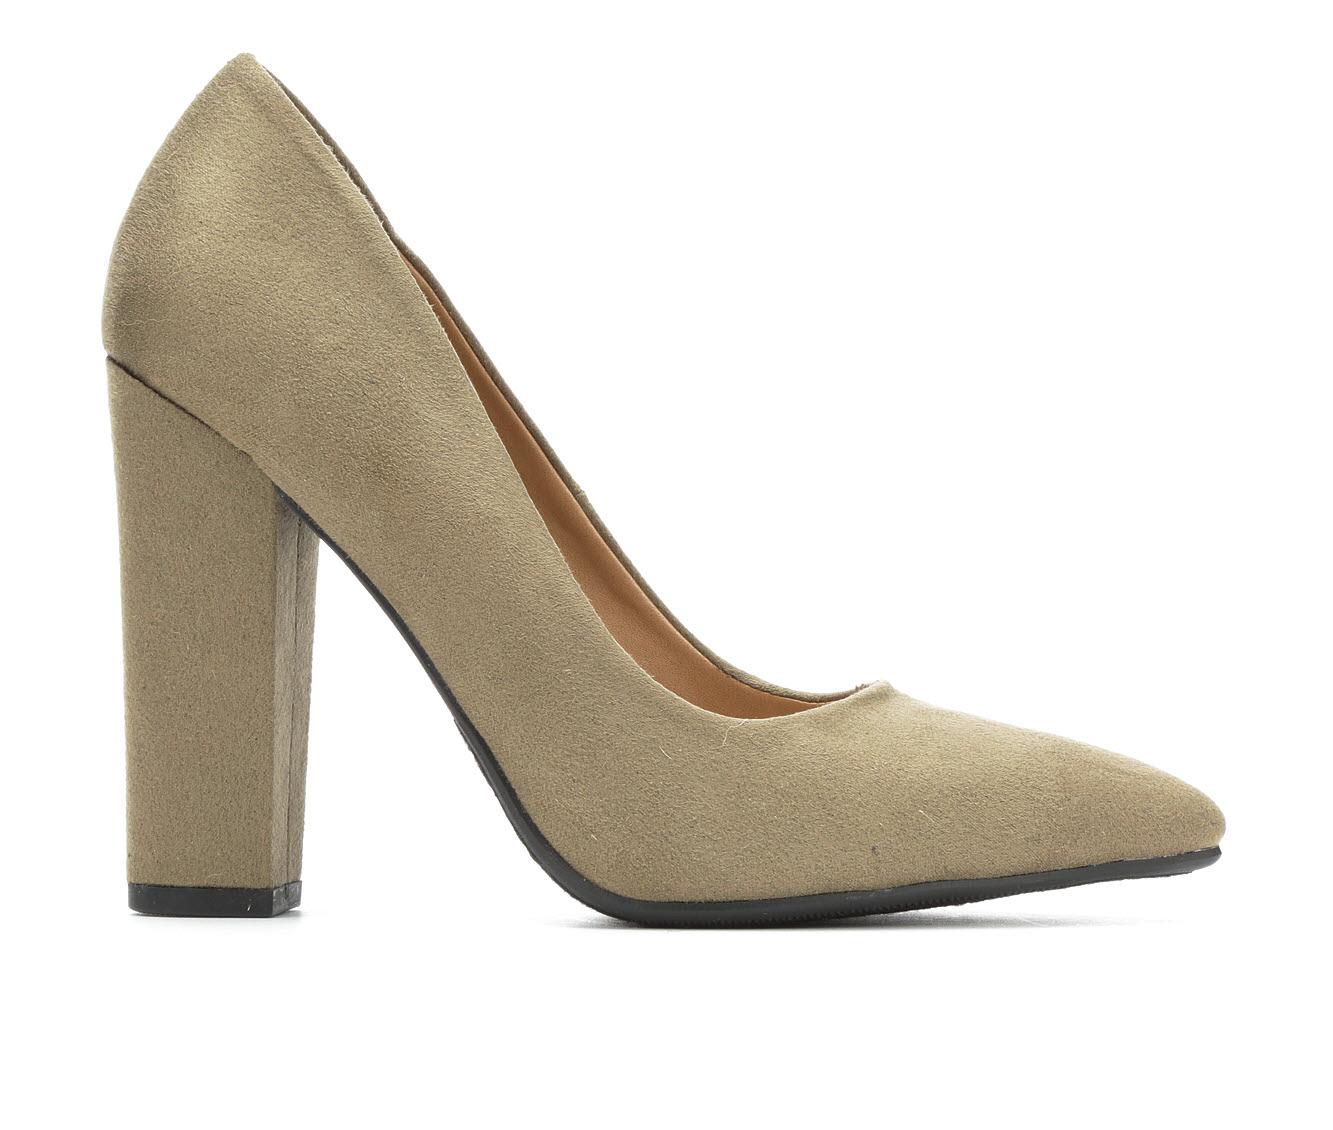 Y-Not Ogden Women's Dress Shoe (Beige Canvas)